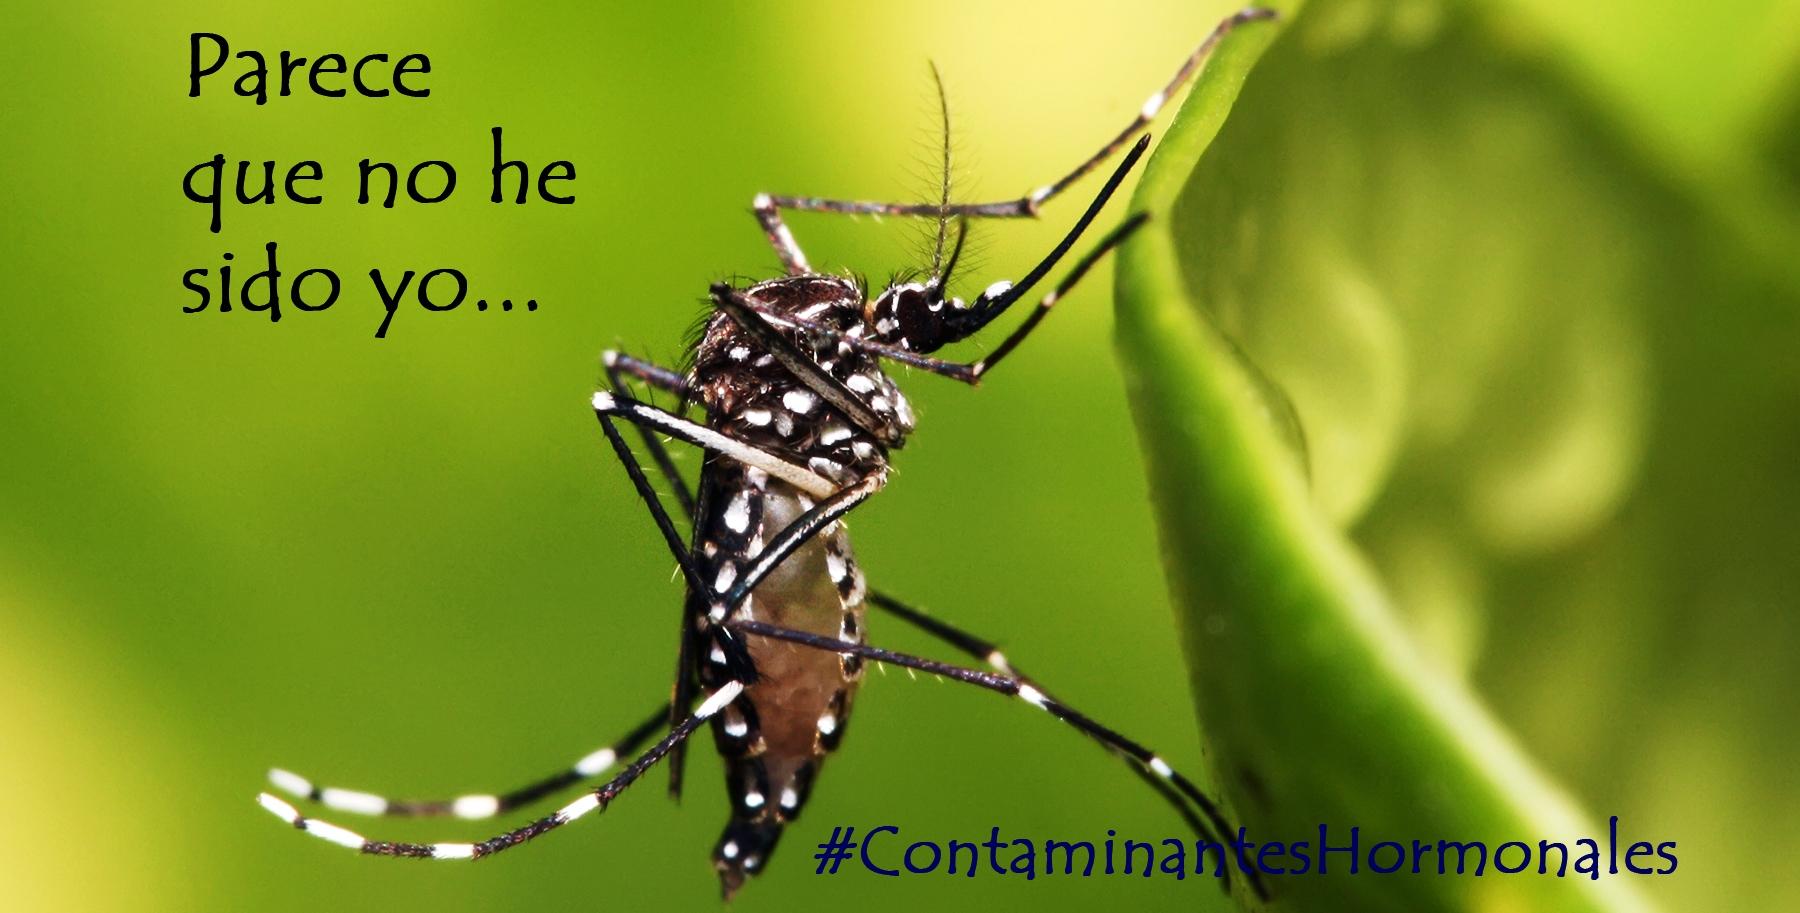 Mosquito Aedes aegepti transmisor del virus Zika, pero puede que inocente de la microcefalia